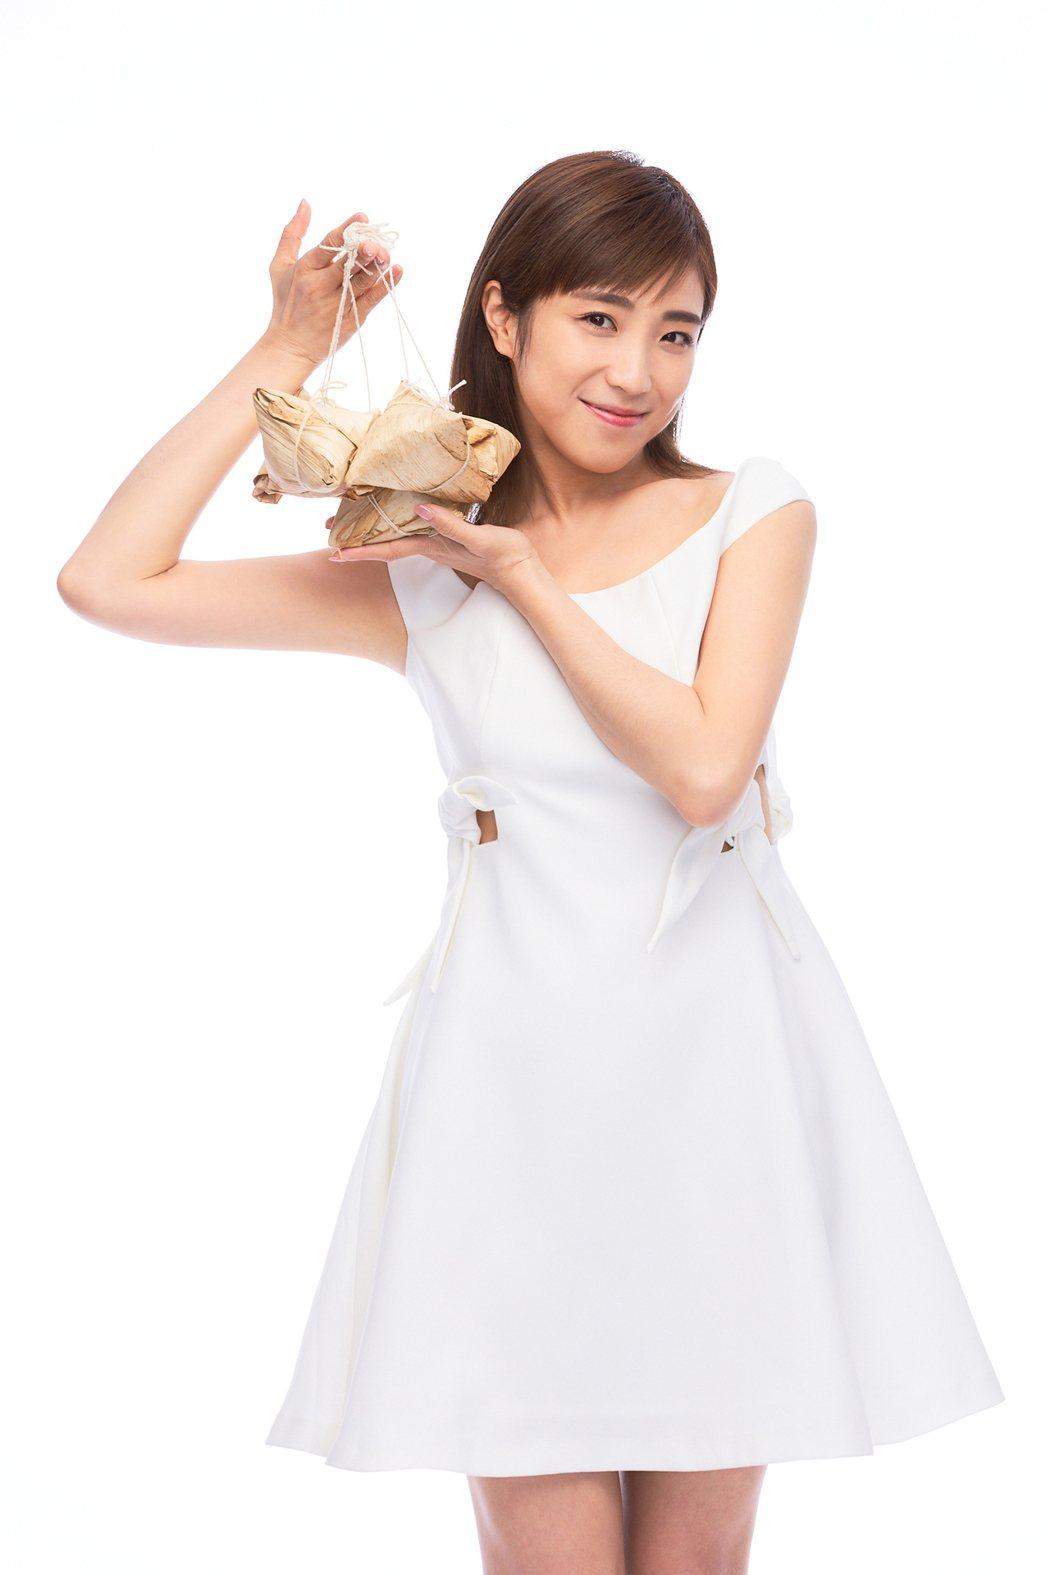 梁舒涵愛吃粽子卻怕熱量高,直呼忍得很辛苦。圖/LiTV 、開麗提供